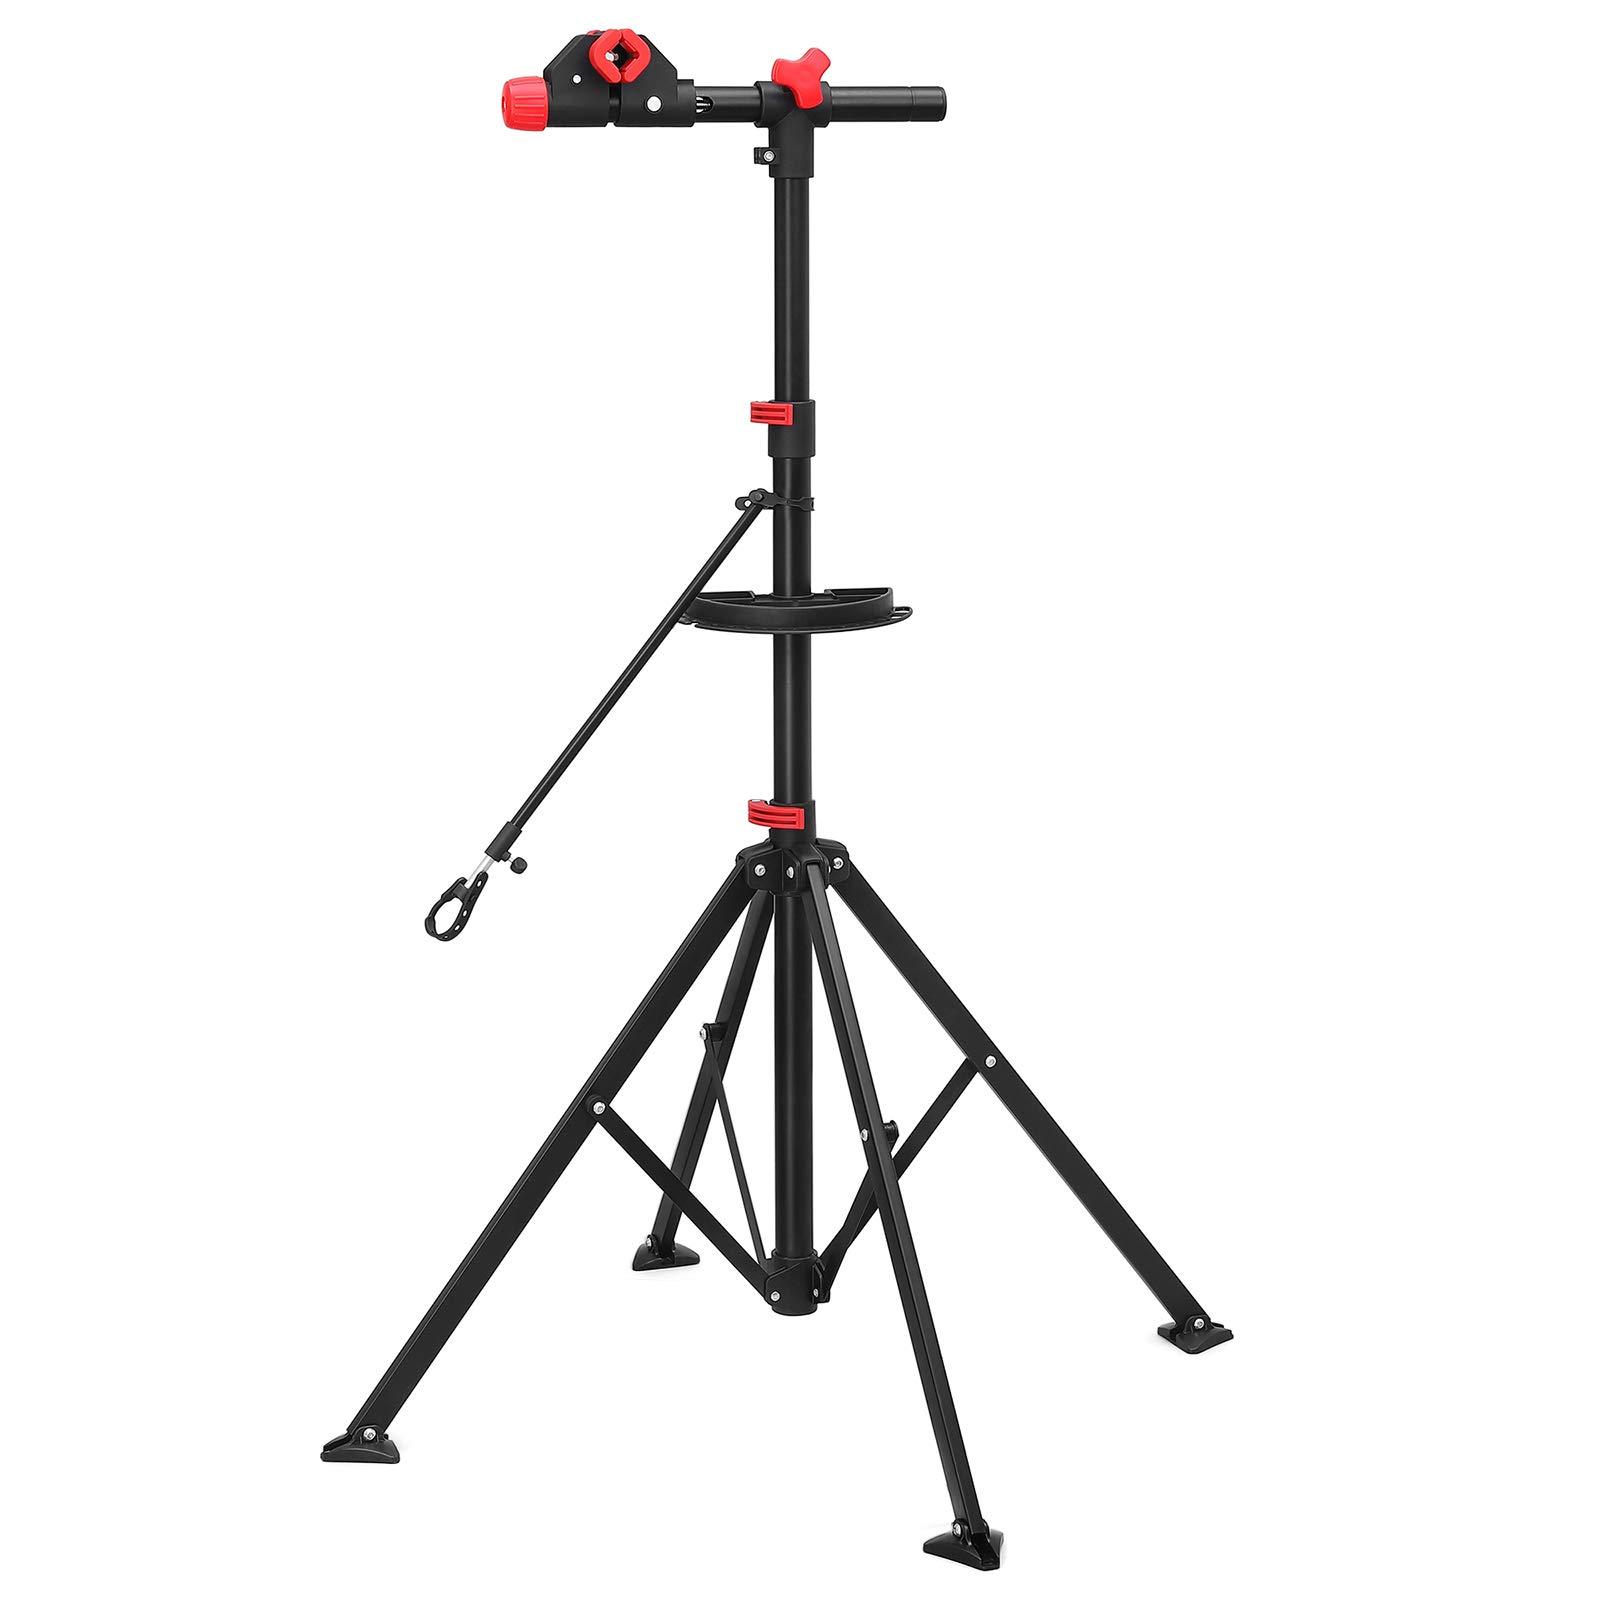 SONGMICS Soporte para reparación de Bicicleta Bandeja de Herramientas Altura Ajustable Entre 108 y 188 cm